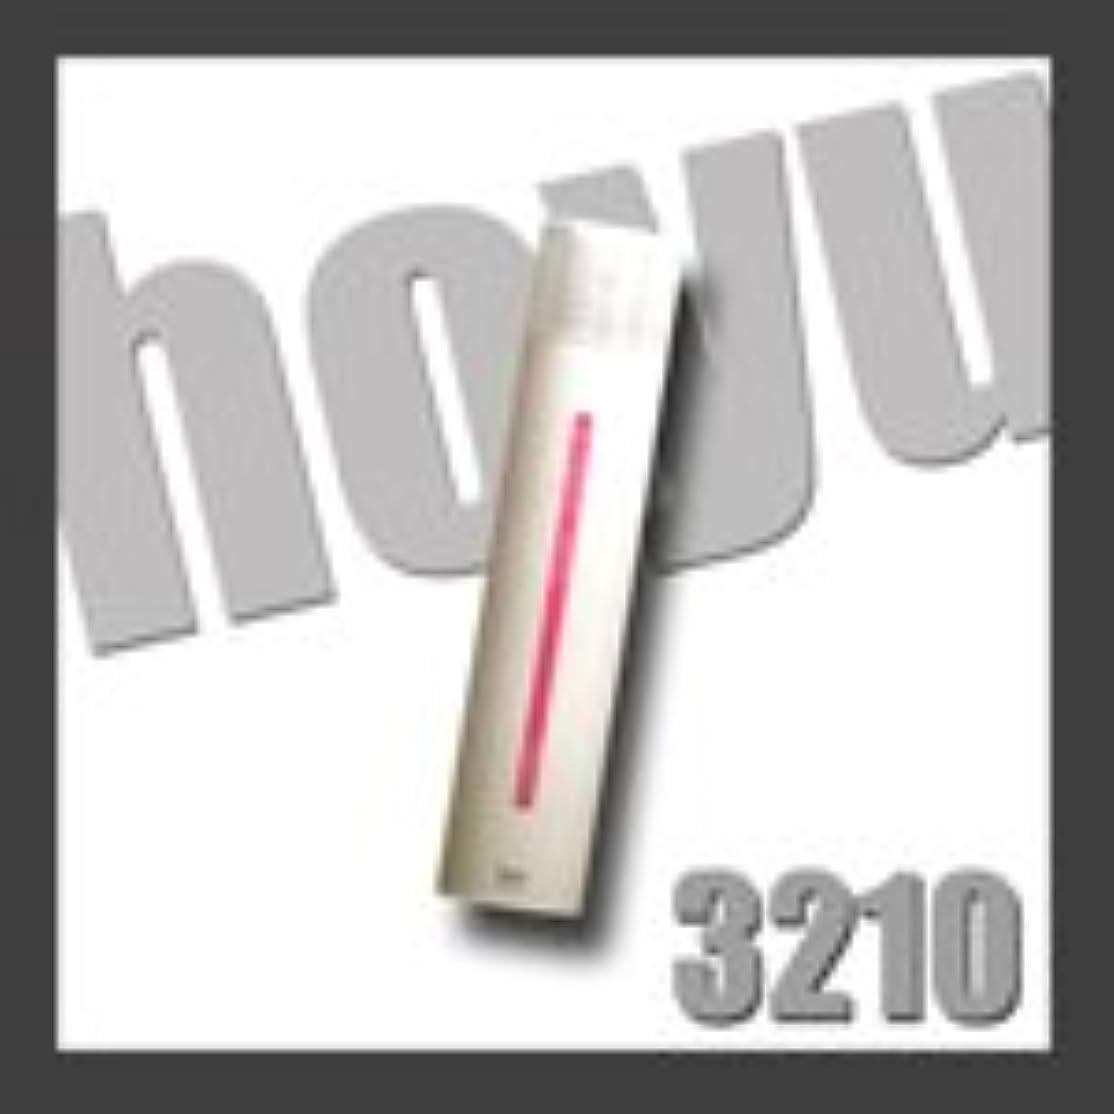 十分ではないにじみ出るより平らなHOYU ホーユー 3210 ミニーレ スプリール スタイリングスプレー HF ハードフィックス 180g